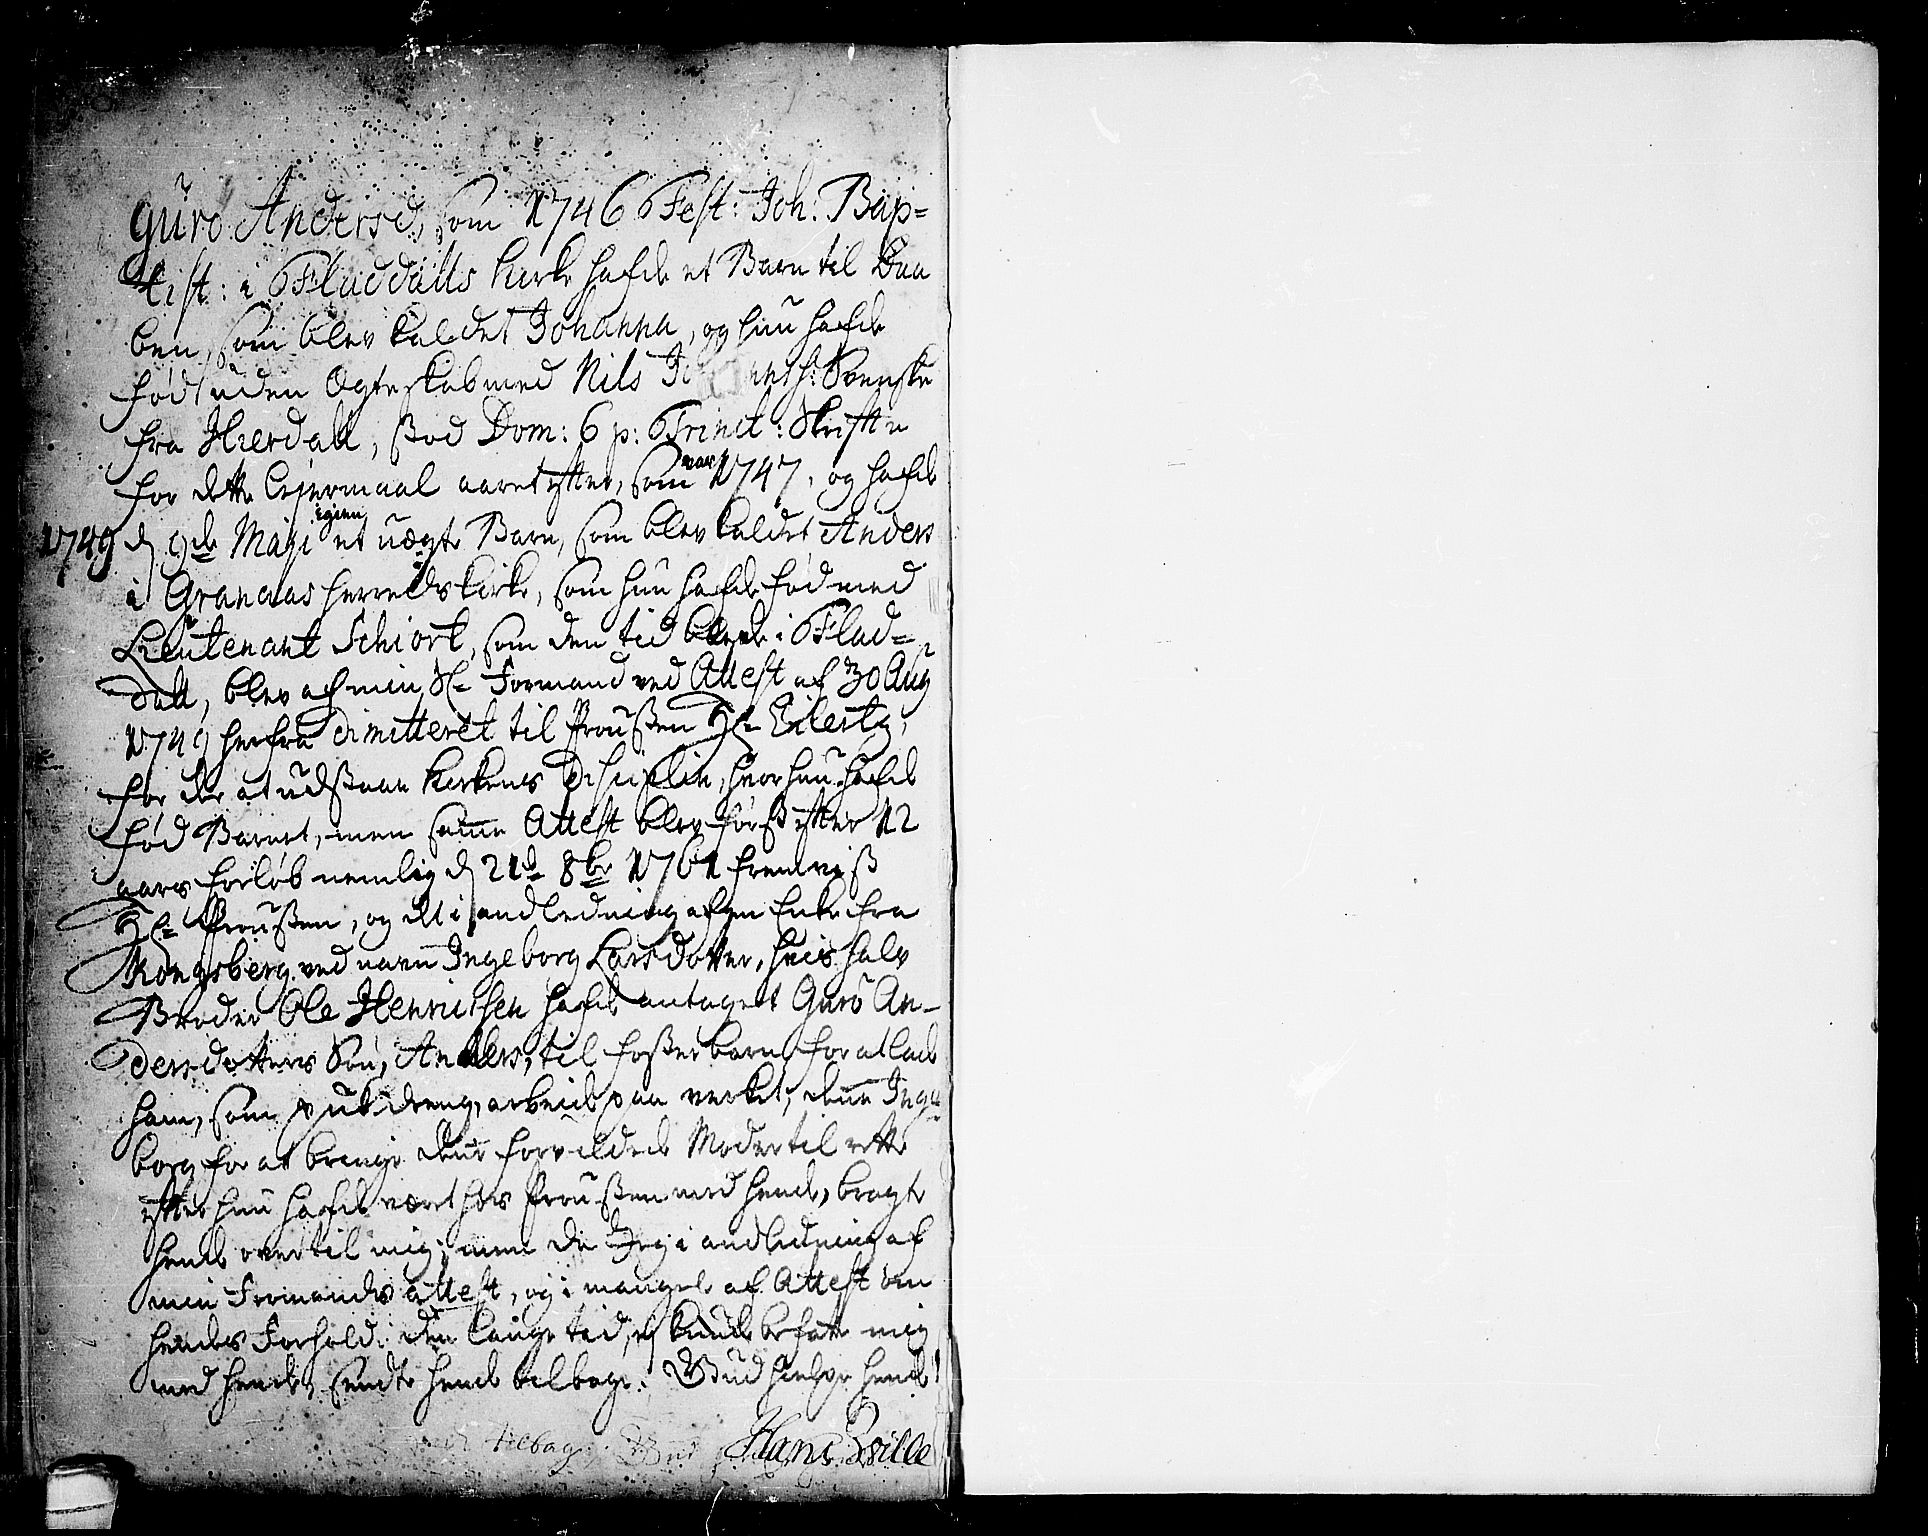 SAKO, Seljord kirkebøker, F/Fa/L0006: Ministerialbok nr. I 6, 1744-1755